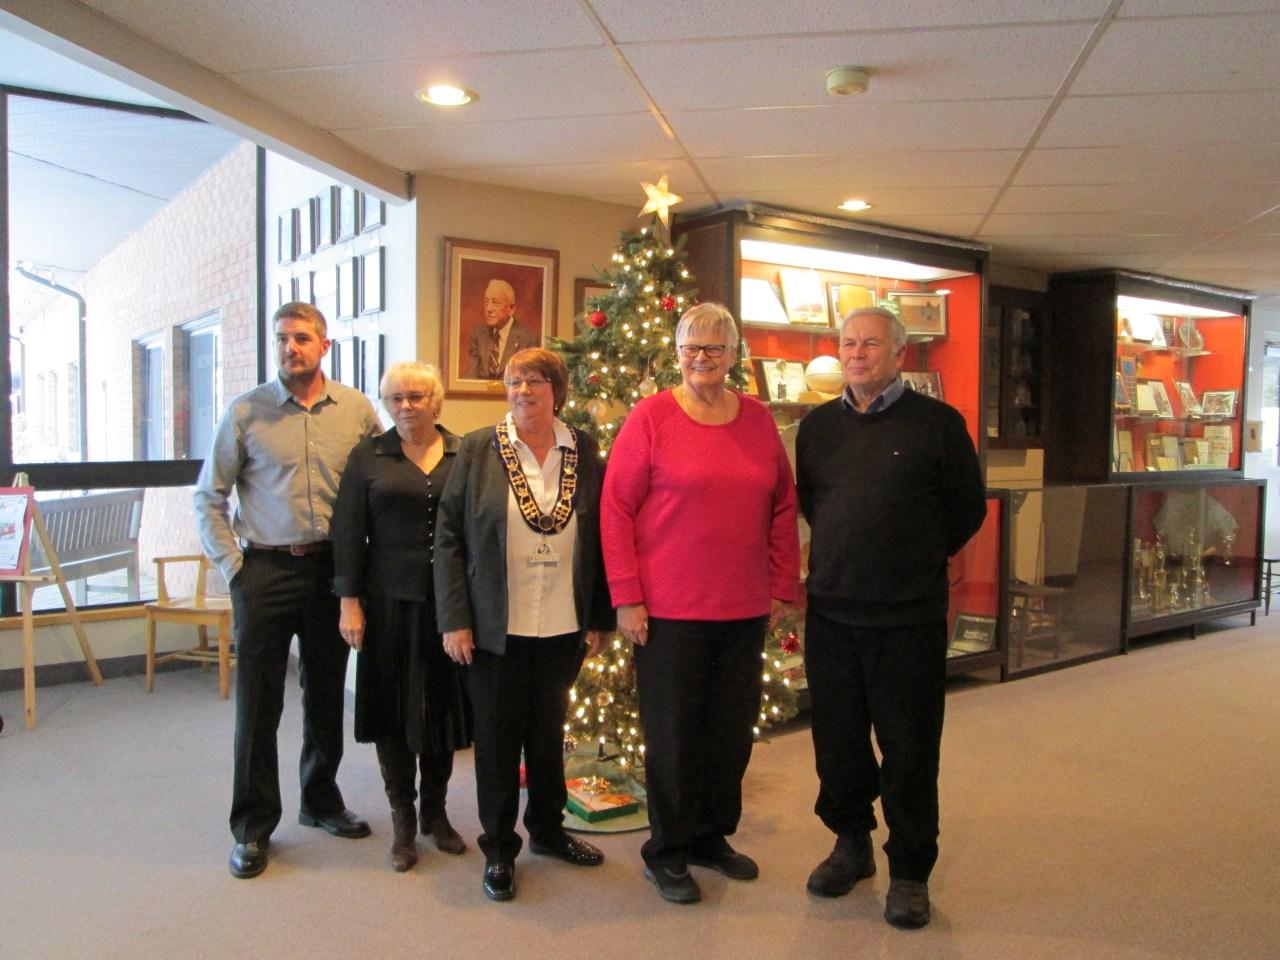 From left to right: Councillor Michael Rickward, Councillor Cheryl Philip, Mayor Carol Ballantyne, Councillor Elizabeth Stermsek, Councillor Paul Ziraldo